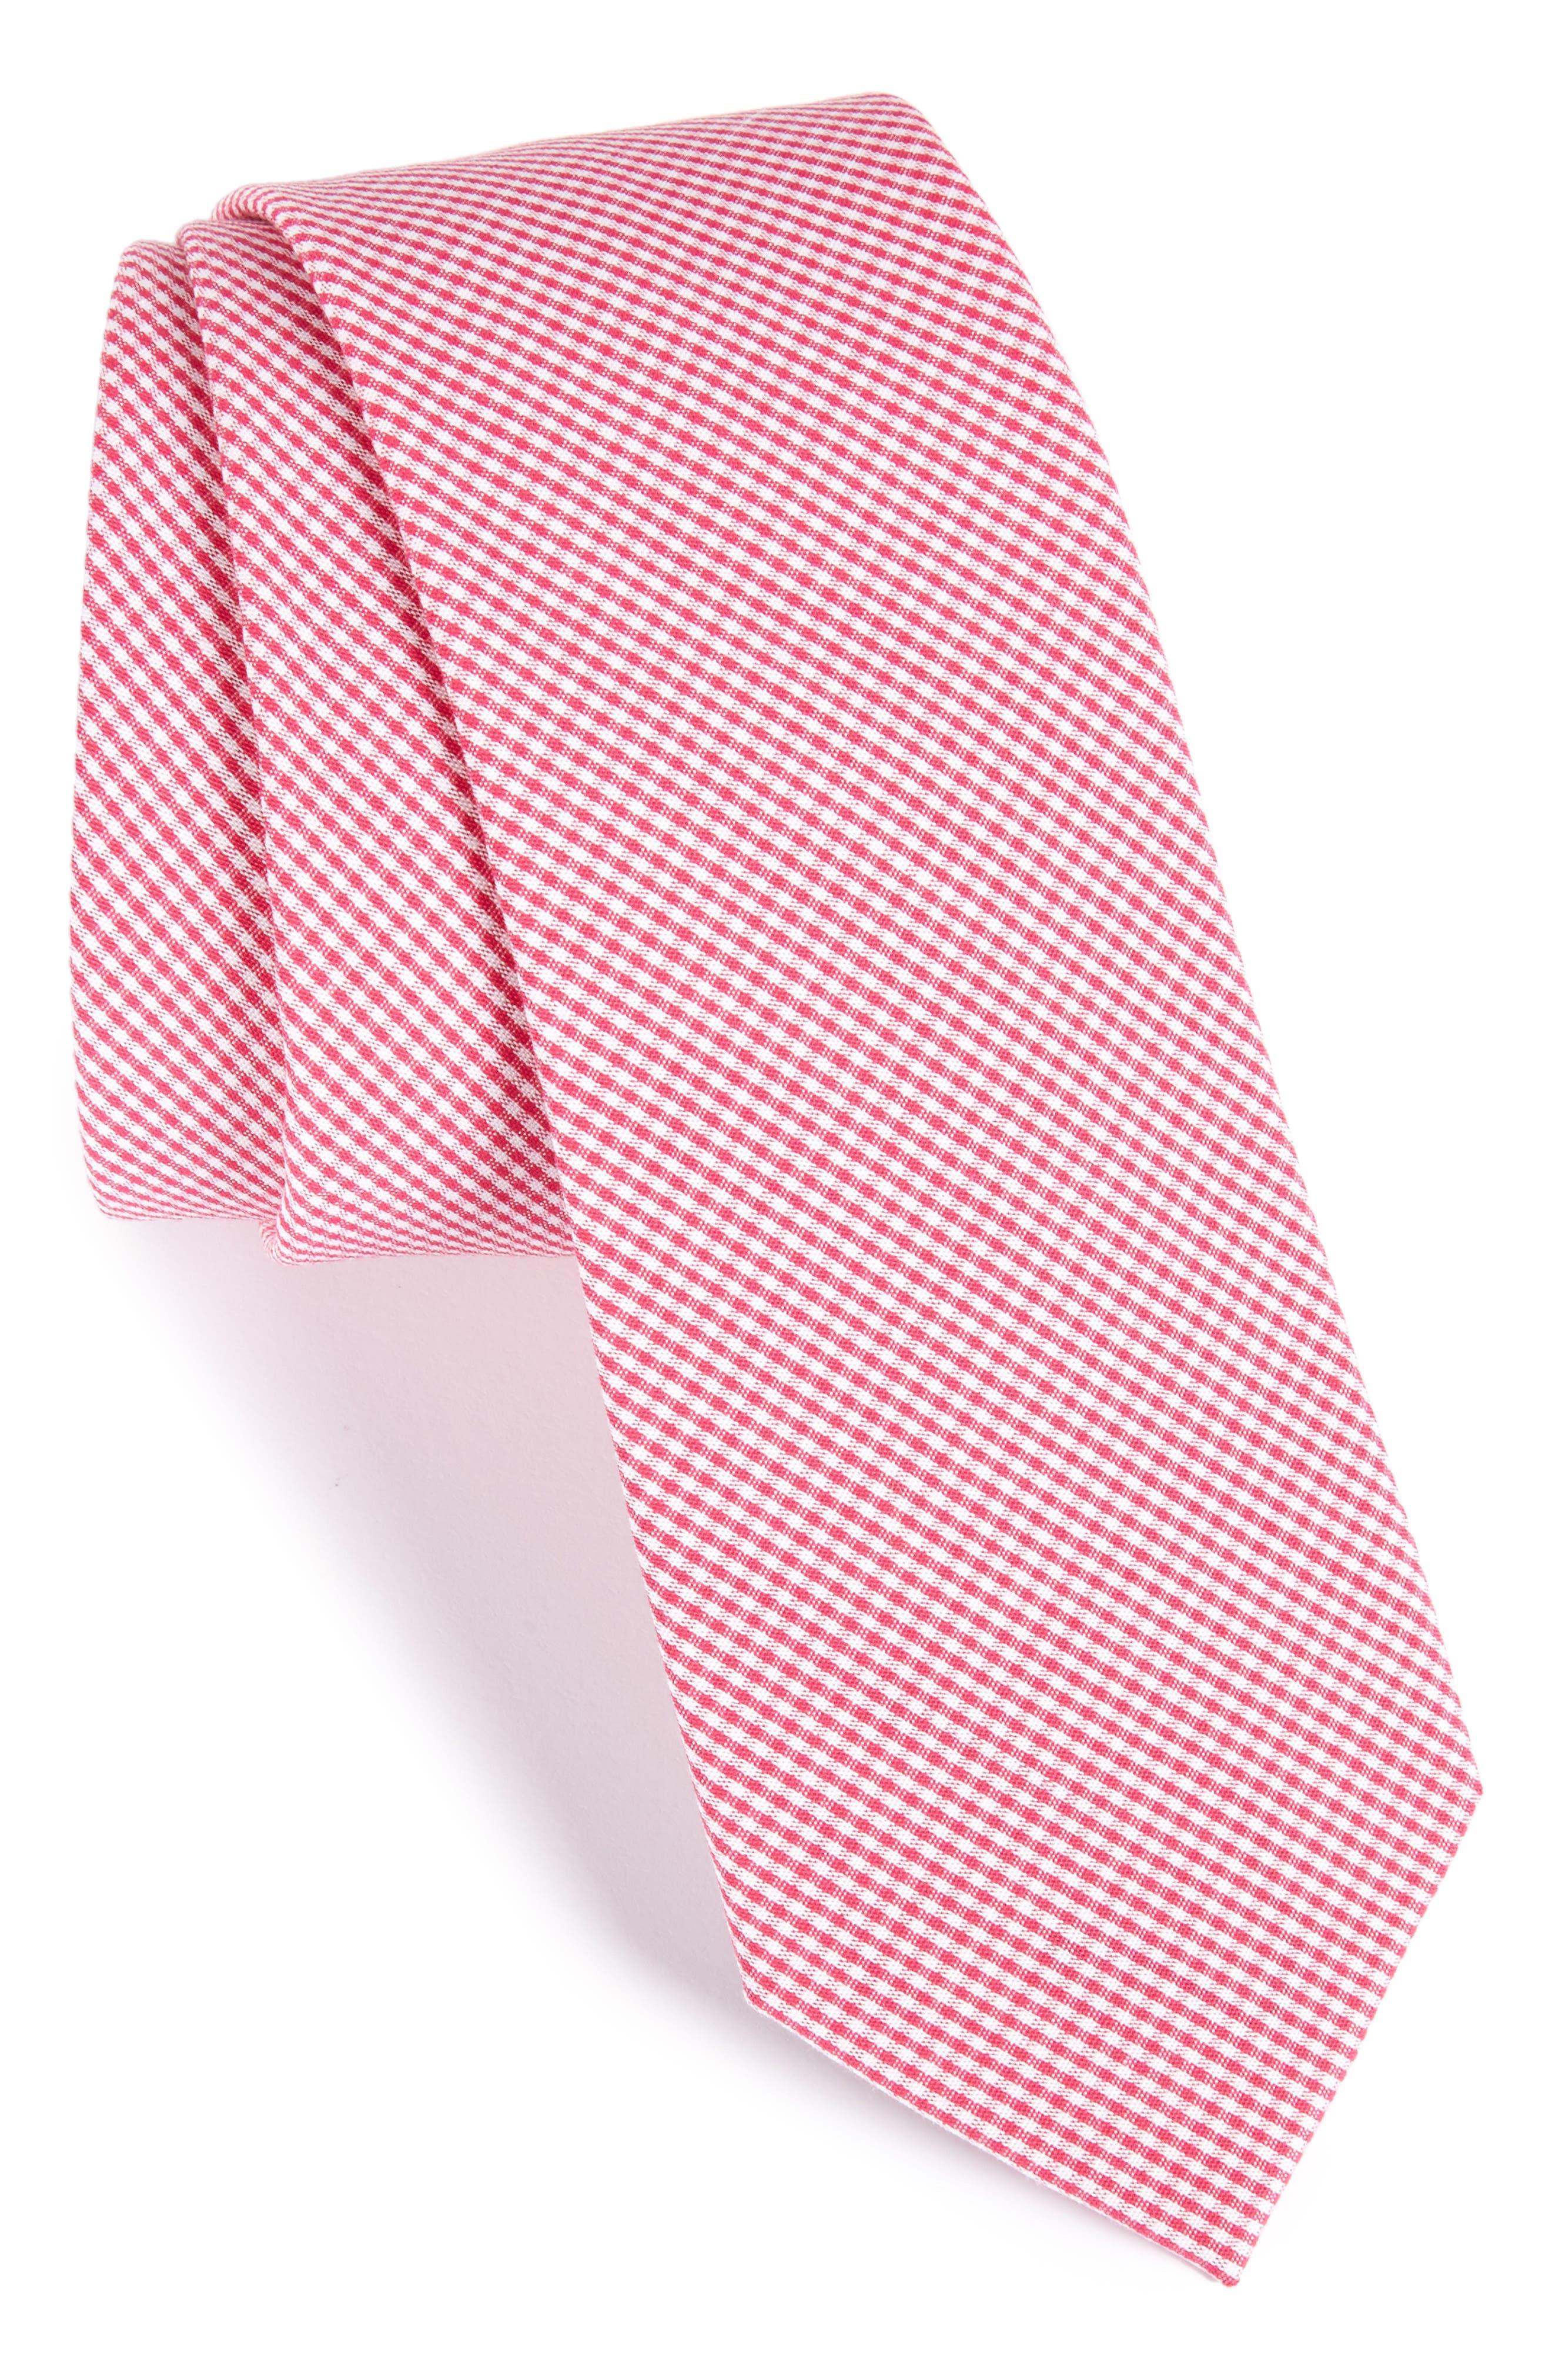 1901 Check Cotton Tie